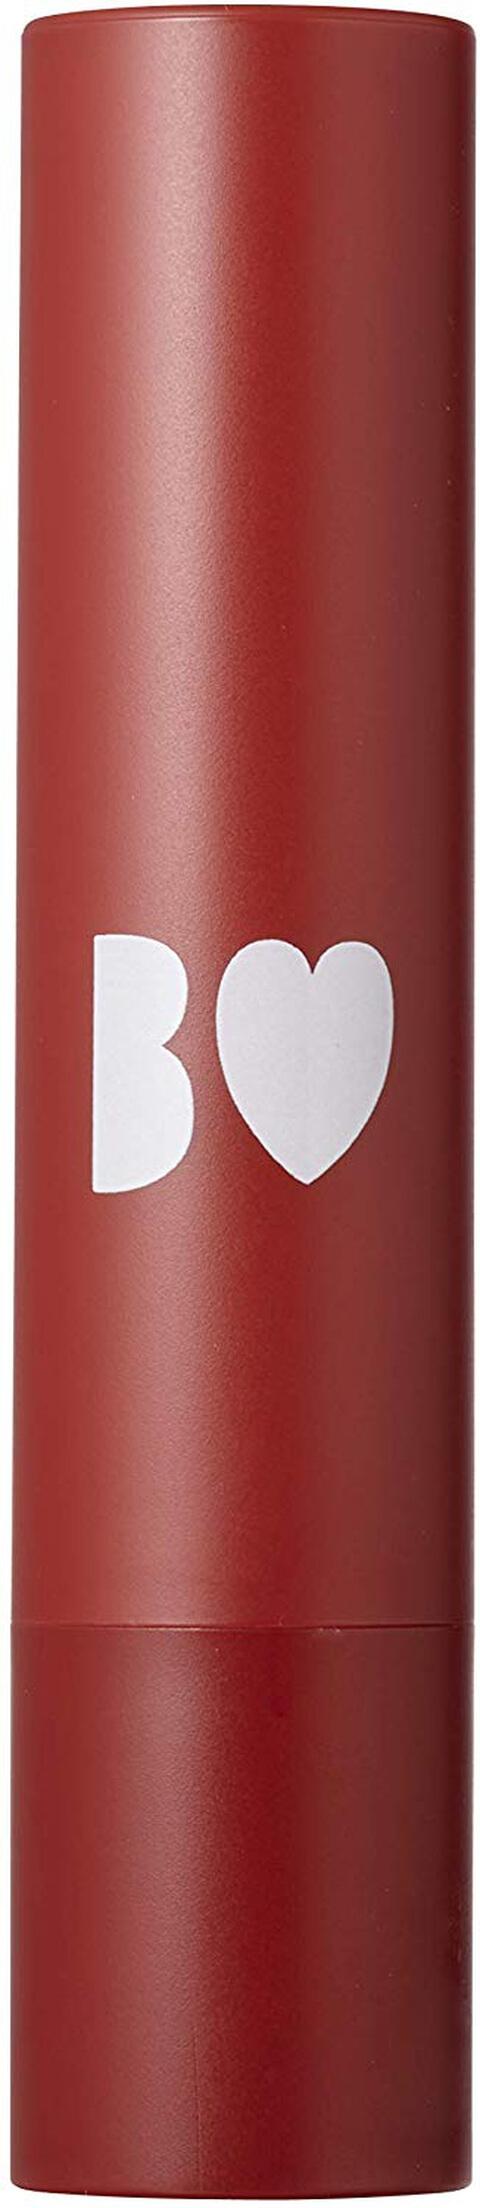 きまぐれbrown あかりん リップ bidol ビーアイドル 人気色 ピンク 色持ち 新色 ブルベ イエベ パーソナルカラー